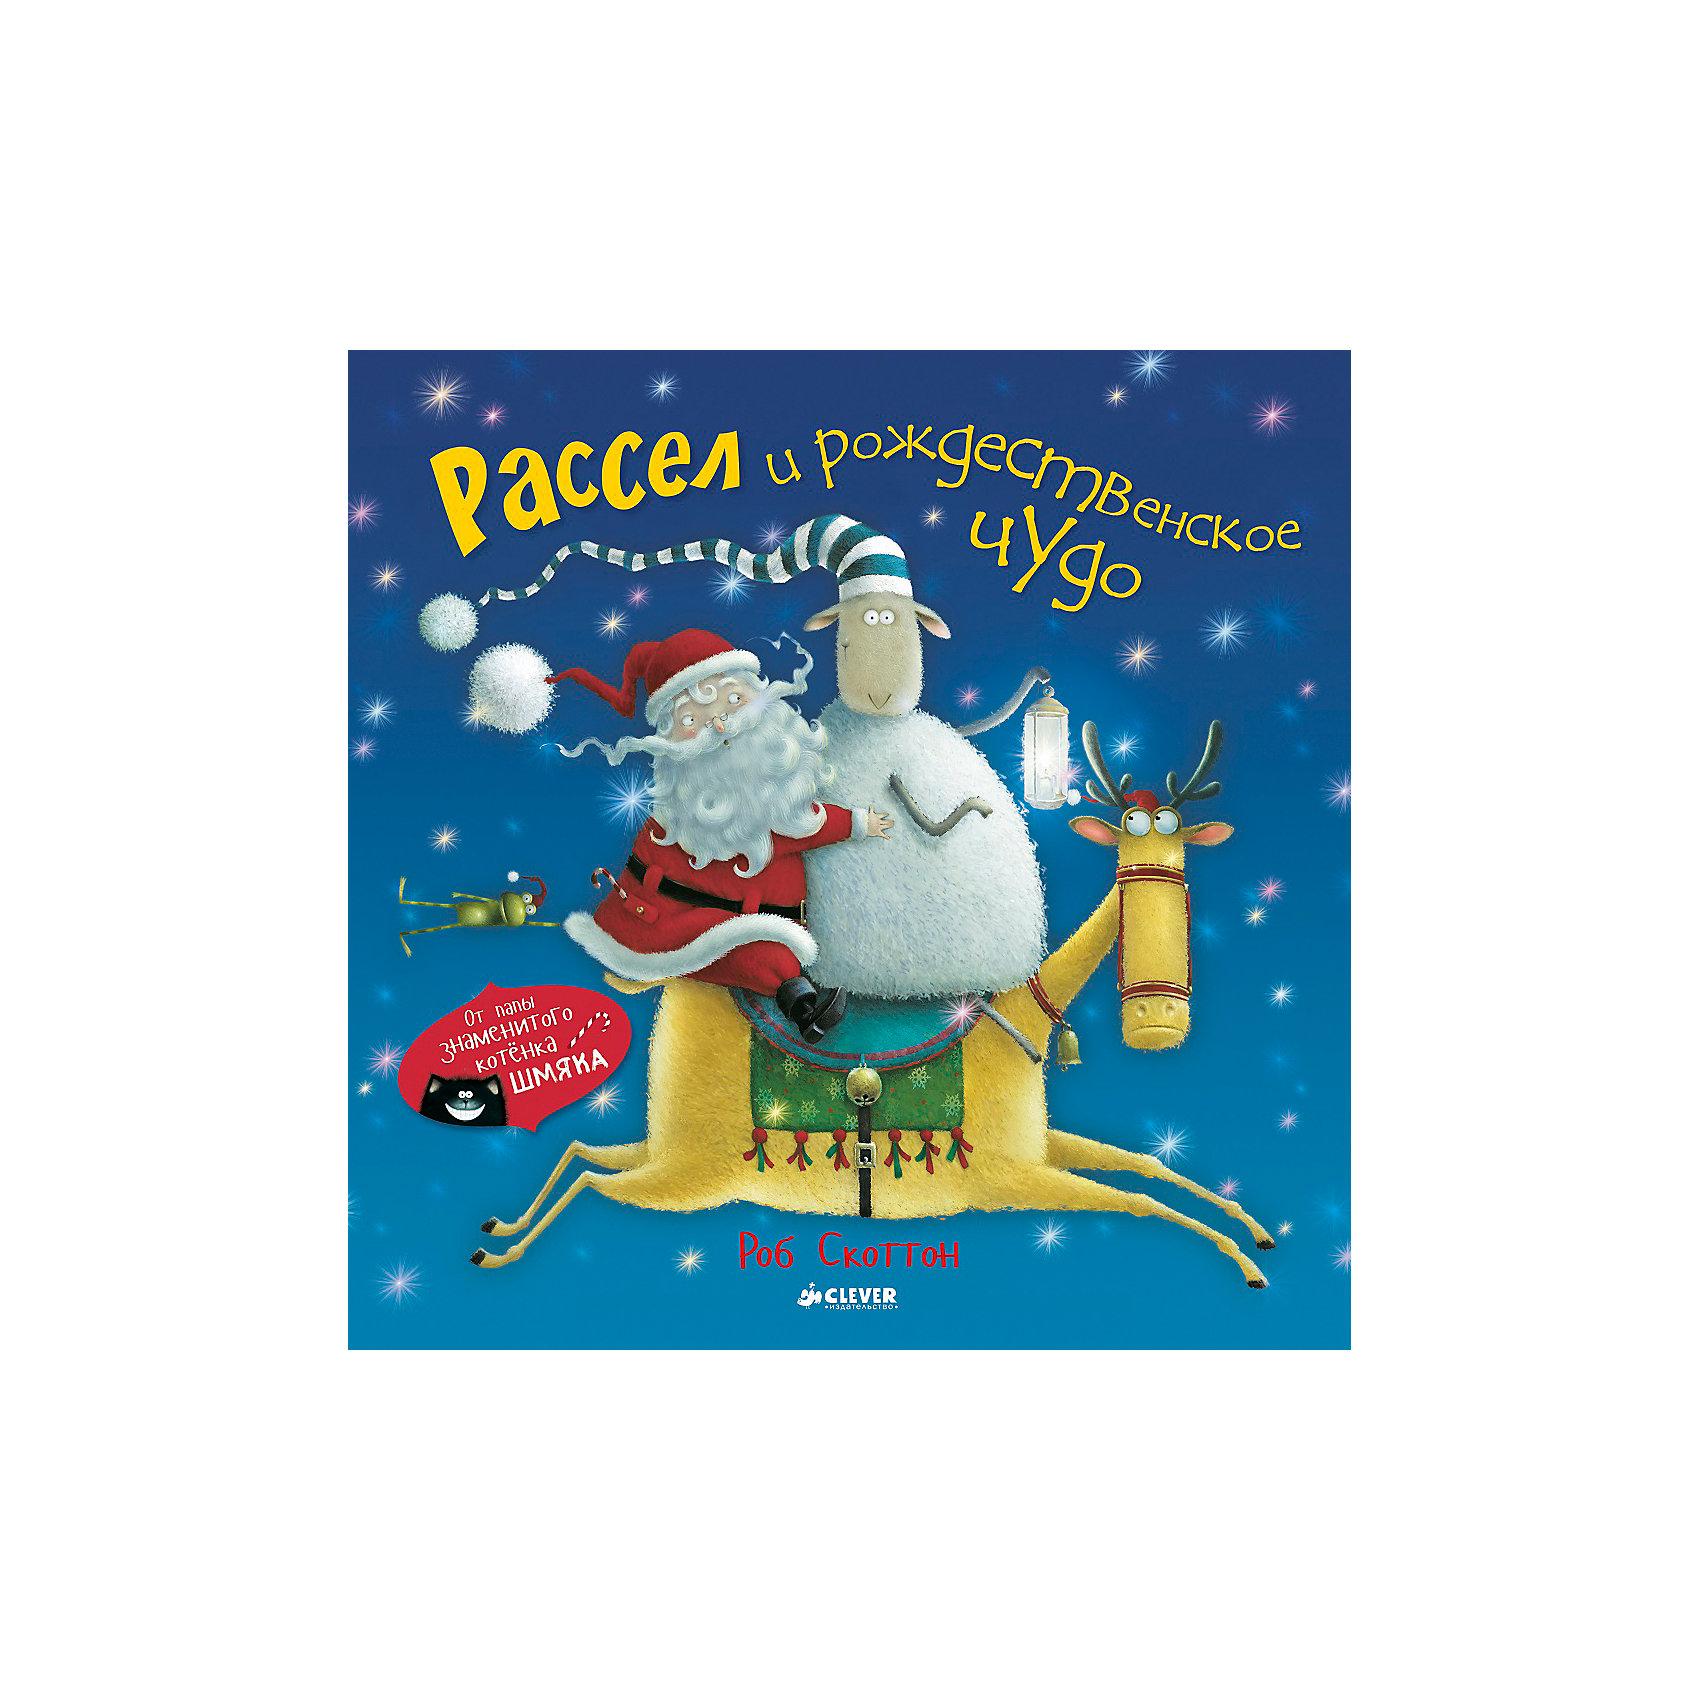 Рассел и рождественское чудо, Р. СкоттонCLEVER (КЛЕВЕР)<br>Волшебные истории помогают не только весело провести время с детьми - это мощный инструмент для развития и обучения малышей. Интеллект и словарный запас ребенка нужно развивать - и тогда он в дальнейшем сможет освоить больше полезных навыков. Сделать это занятие интересным и легким поможет данная книга с доброй и интересной сказкой.<br>С помощью ярких картинок можно легко познакомить ребенка с сюжетом этой замечательной сказки про Санта-Клауса и барашка Рассела, дать ему поток новых слов и выражений. Книга отличается удобным форматом, твердым переплетом и красочными изображениями, которые малыши с удовольствием рассматривают. Это издание пригодятся для тех, кто хочет вырастить гармоничного человека. <br><br>Дополнительная информация:<br><br>размер: 24 x 24 см;<br>страниц: 32;<br>твердый переплет.<br><br>Издание Рассел и рождественское чудо, Р. Скоттон можно купить в нашем интернет-магазине.<br><br>Ширина мм: 245<br>Глубина мм: 245<br>Высота мм: 11<br>Вес г: 230<br>Возраст от месяцев: 48<br>Возраст до месяцев: 72<br>Пол: Унисекс<br>Возраст: Детский<br>SKU: 4976135